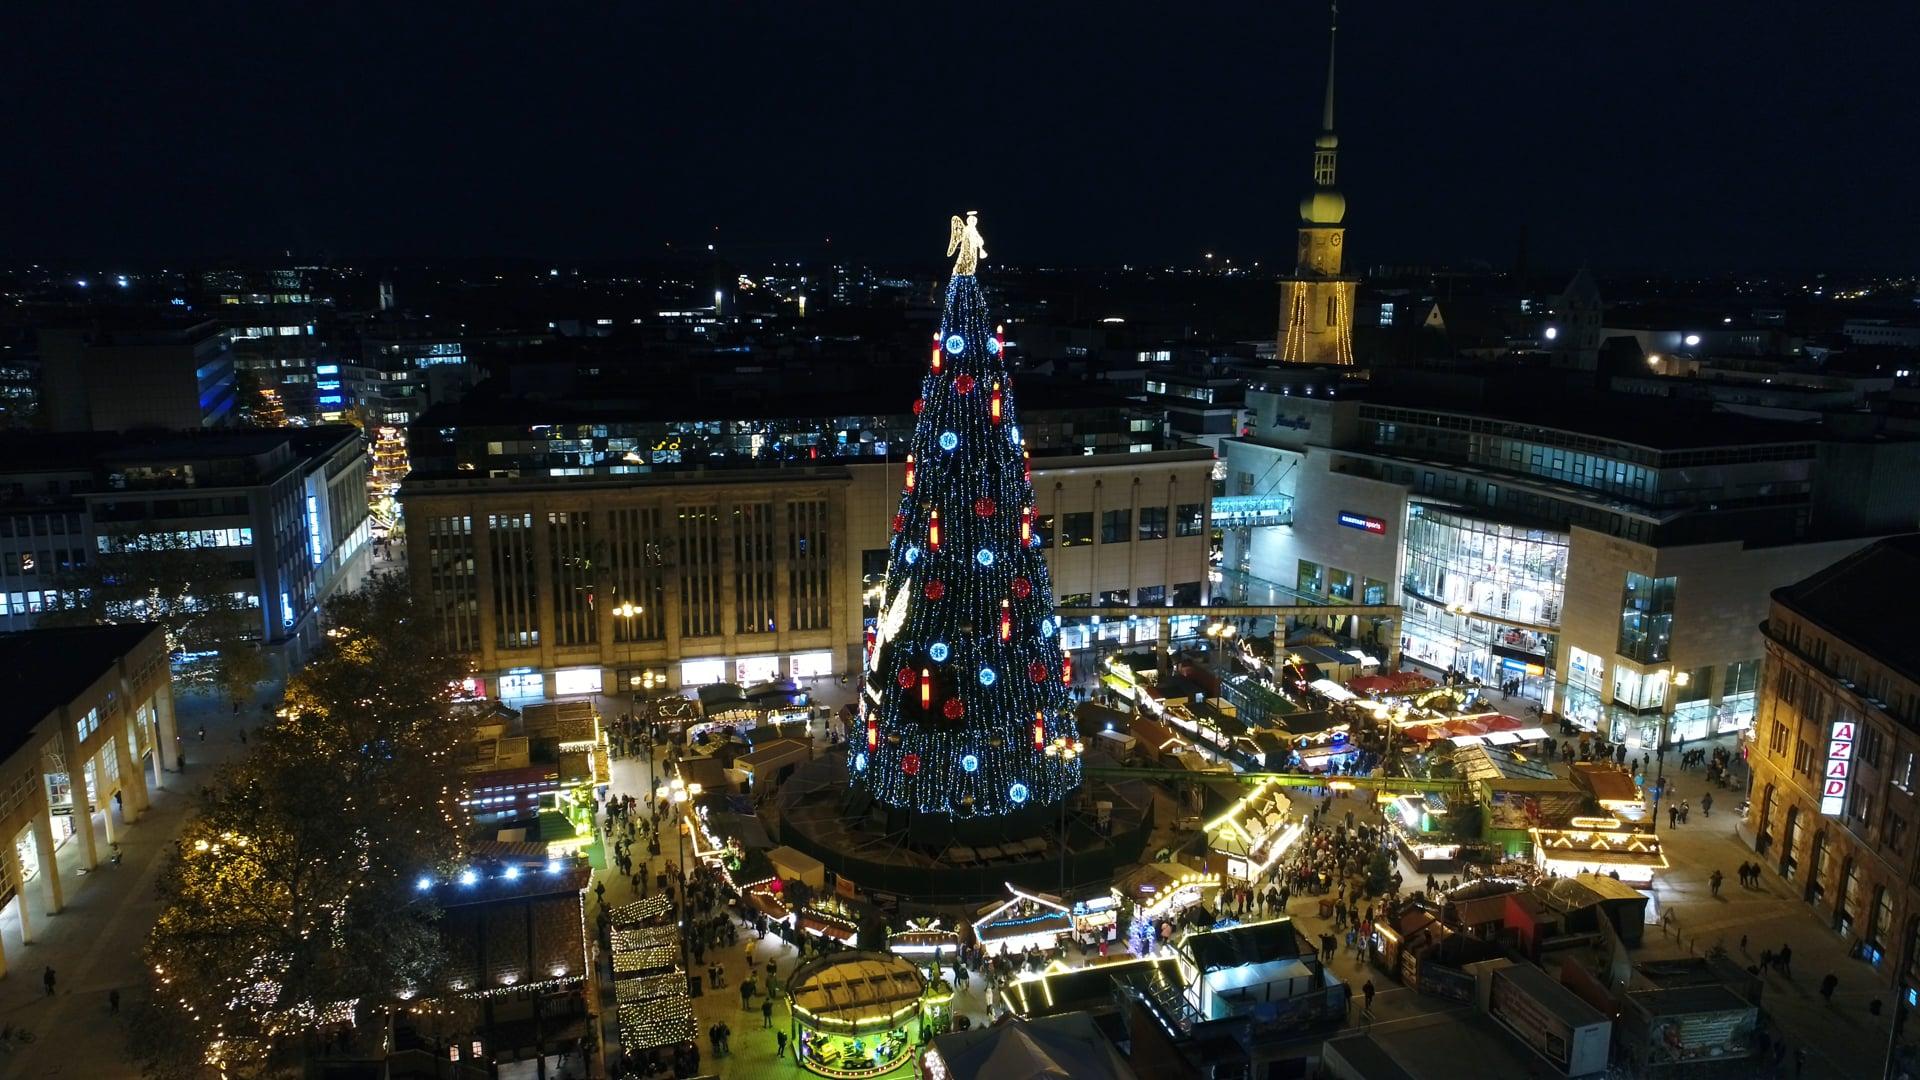 Dortmunder Weihnachtsmarkt 2018